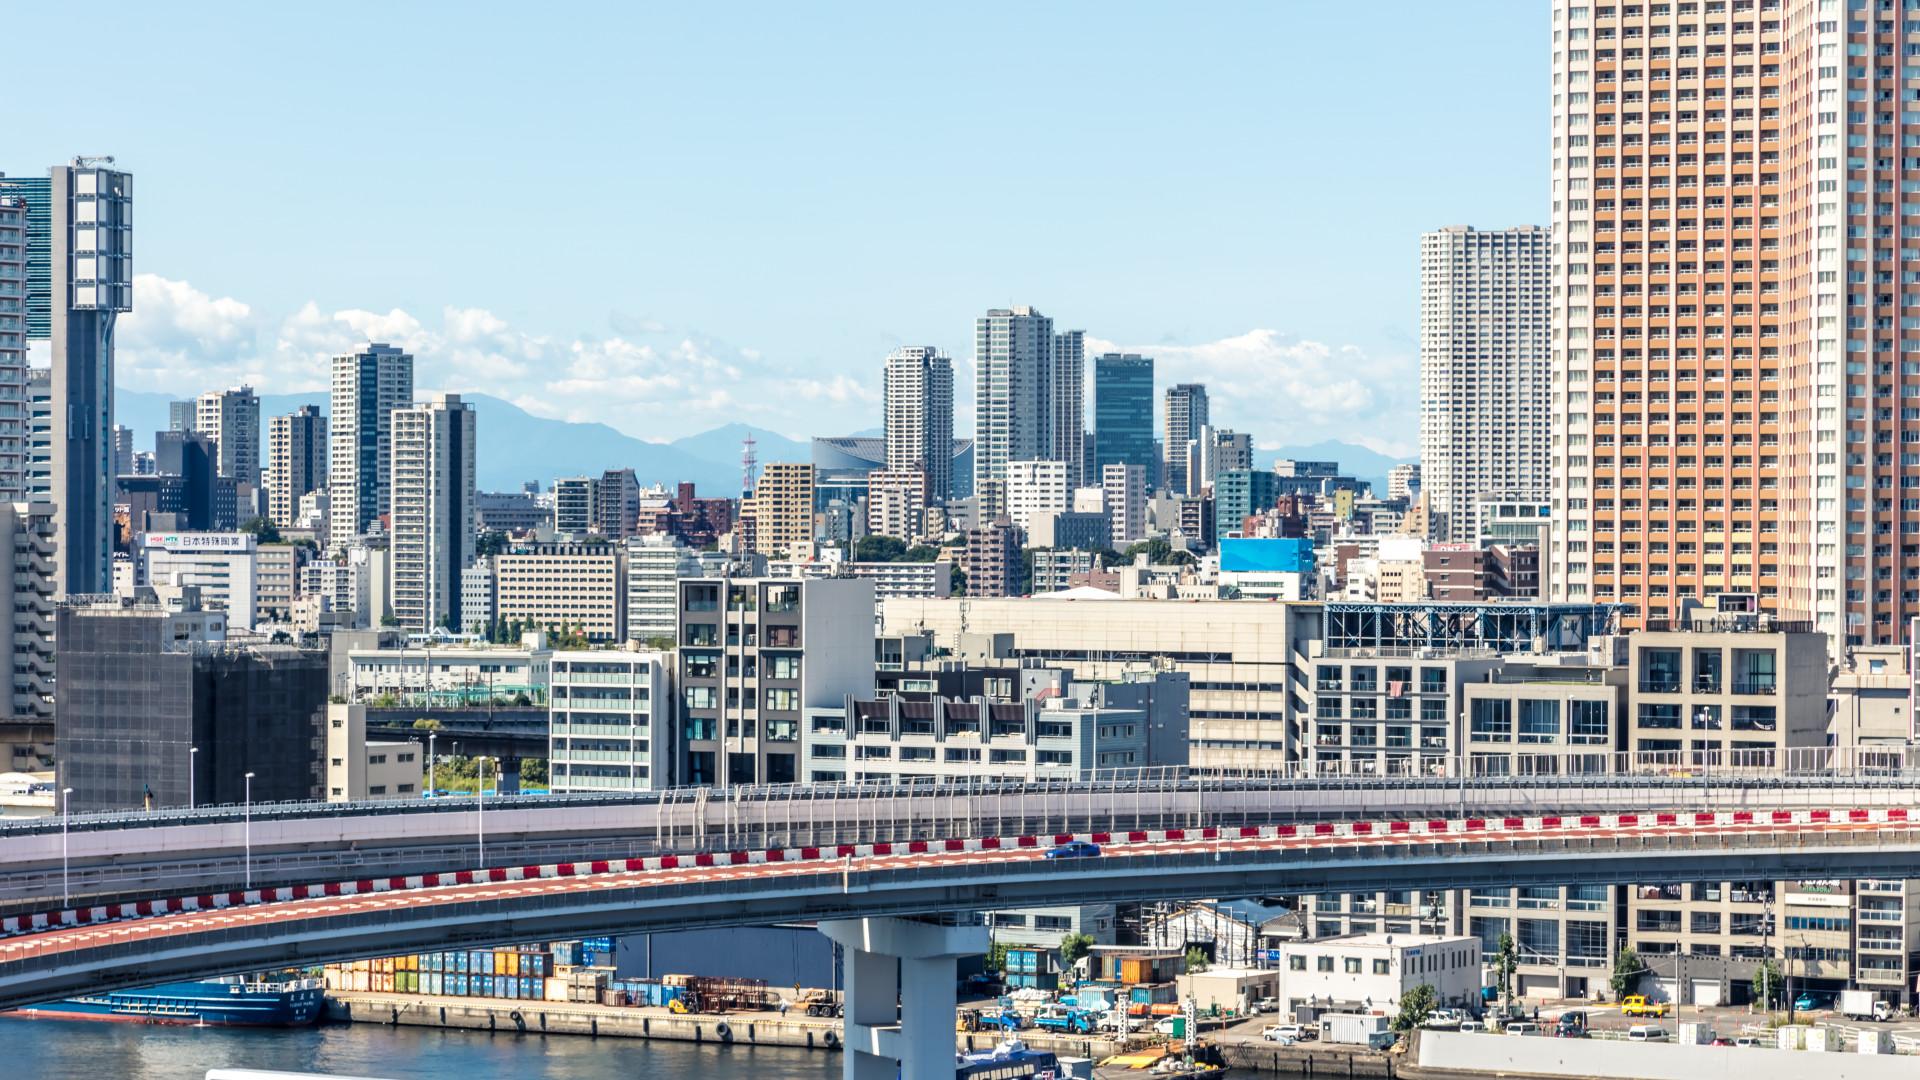 Megismételhető-e a gazdasági csoda, ahogy a szegény ázsiai országokból gazdag és fejlett államok lettek?